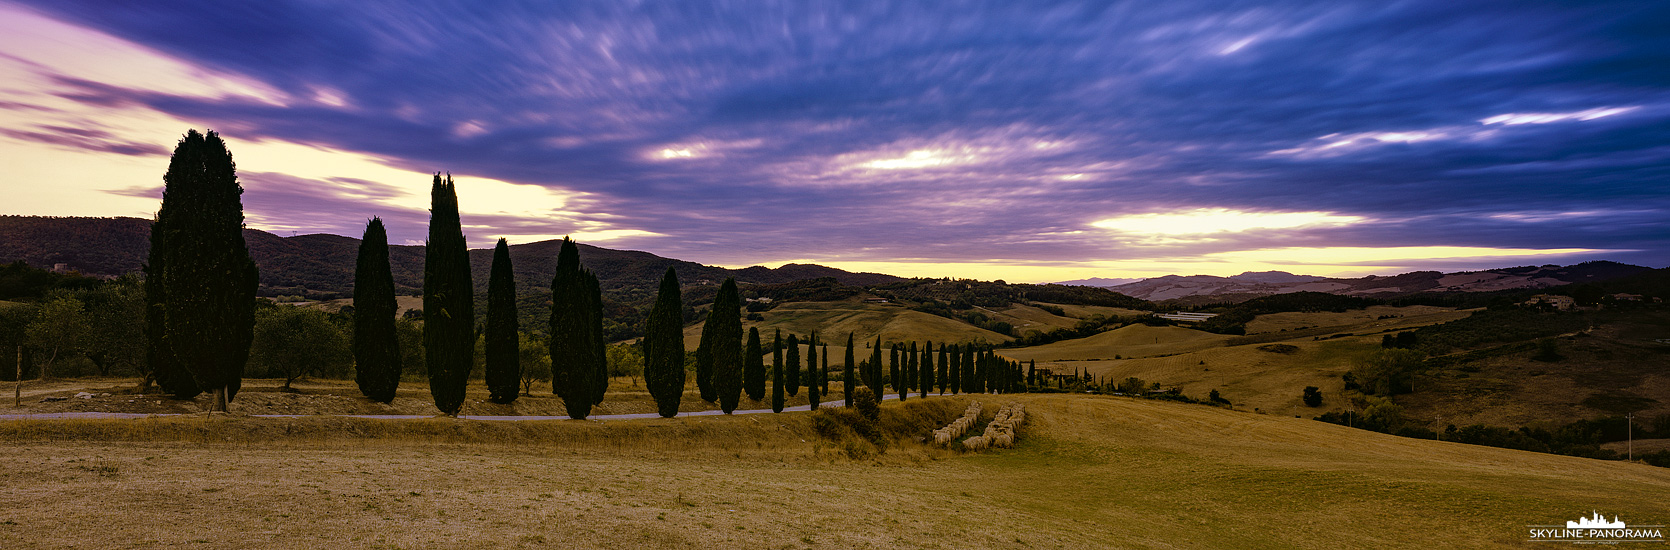 Panorama Landschaft Italien - Einblick in die herbstliche Toskana, auf einem Feld im Val d'Elsa kurz nach Sonnenuntergang